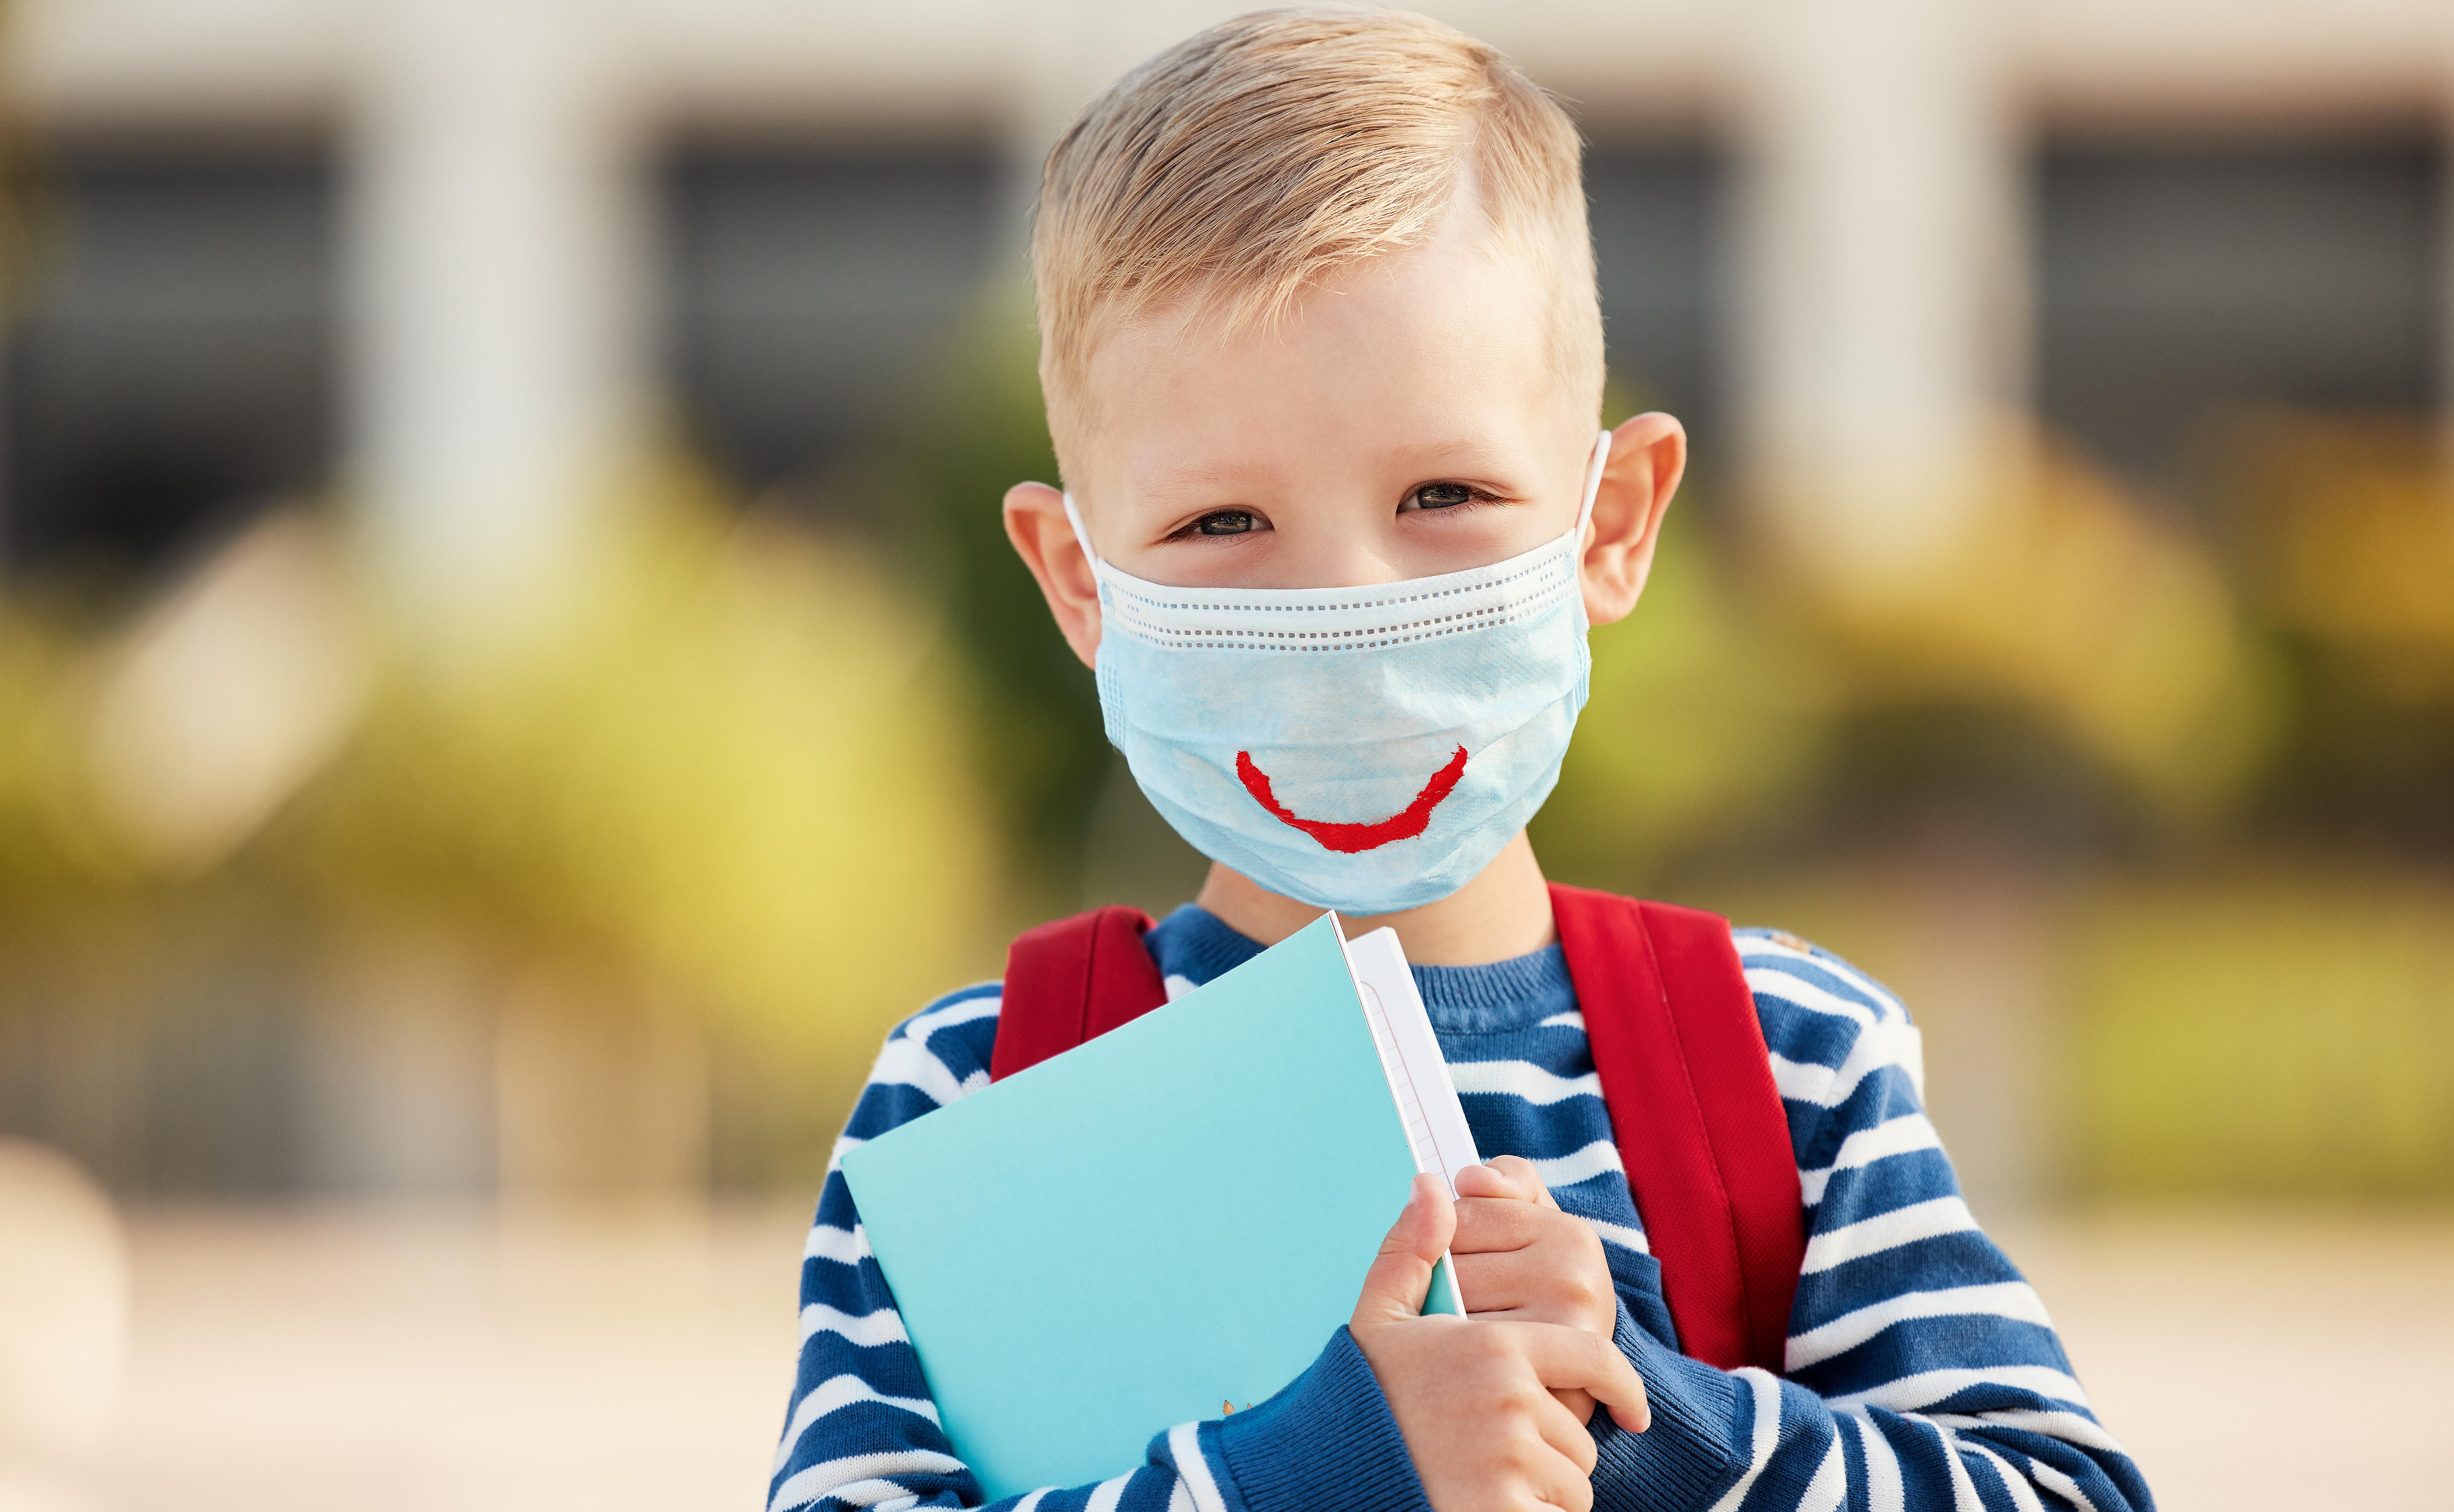 Quelles seront chez les plus jeunes, les conséquences à terme du port du masque durant ces longs mois de pandémie COVID-19 ? (Visuel Adsobe Stock 375036866)